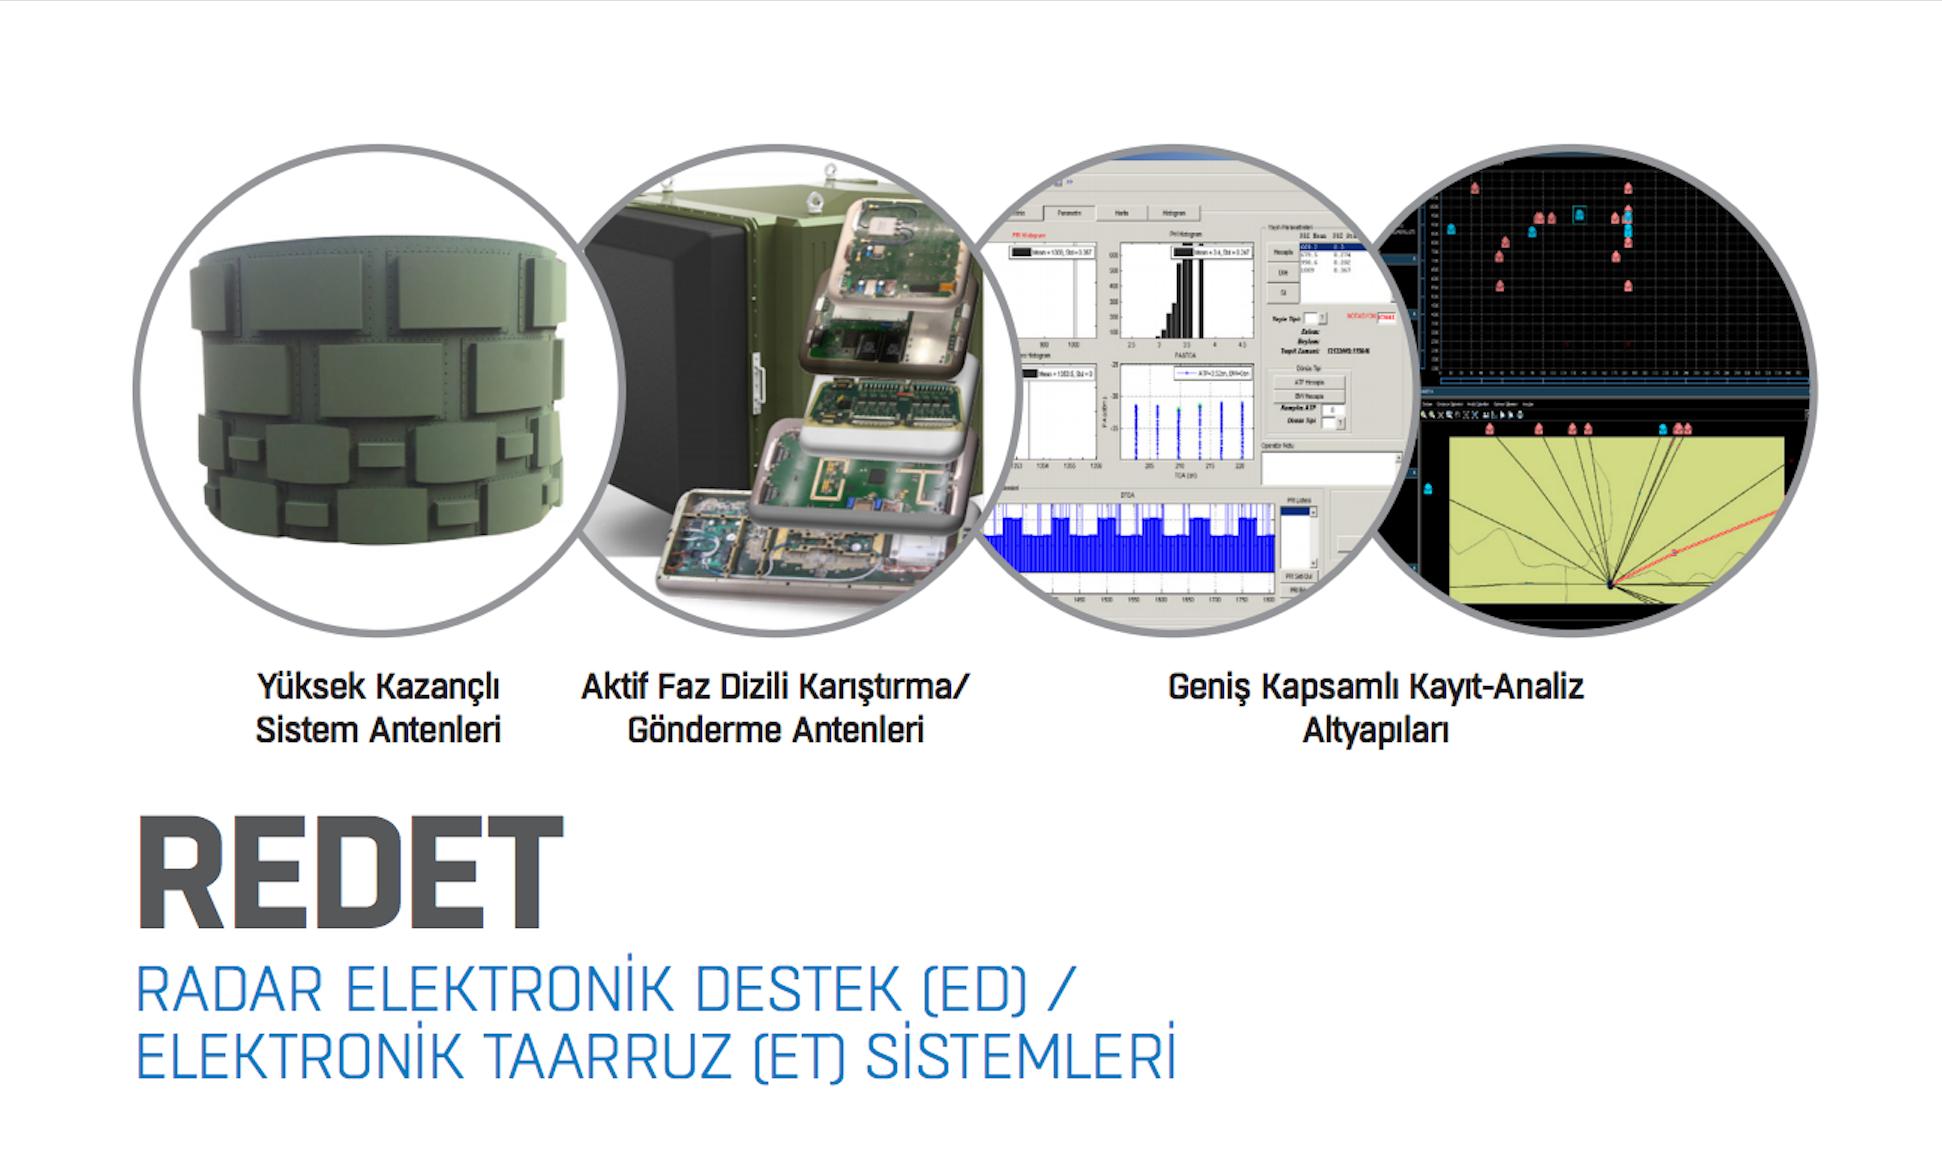 Aselsan Radar ED/ET Sistemleri